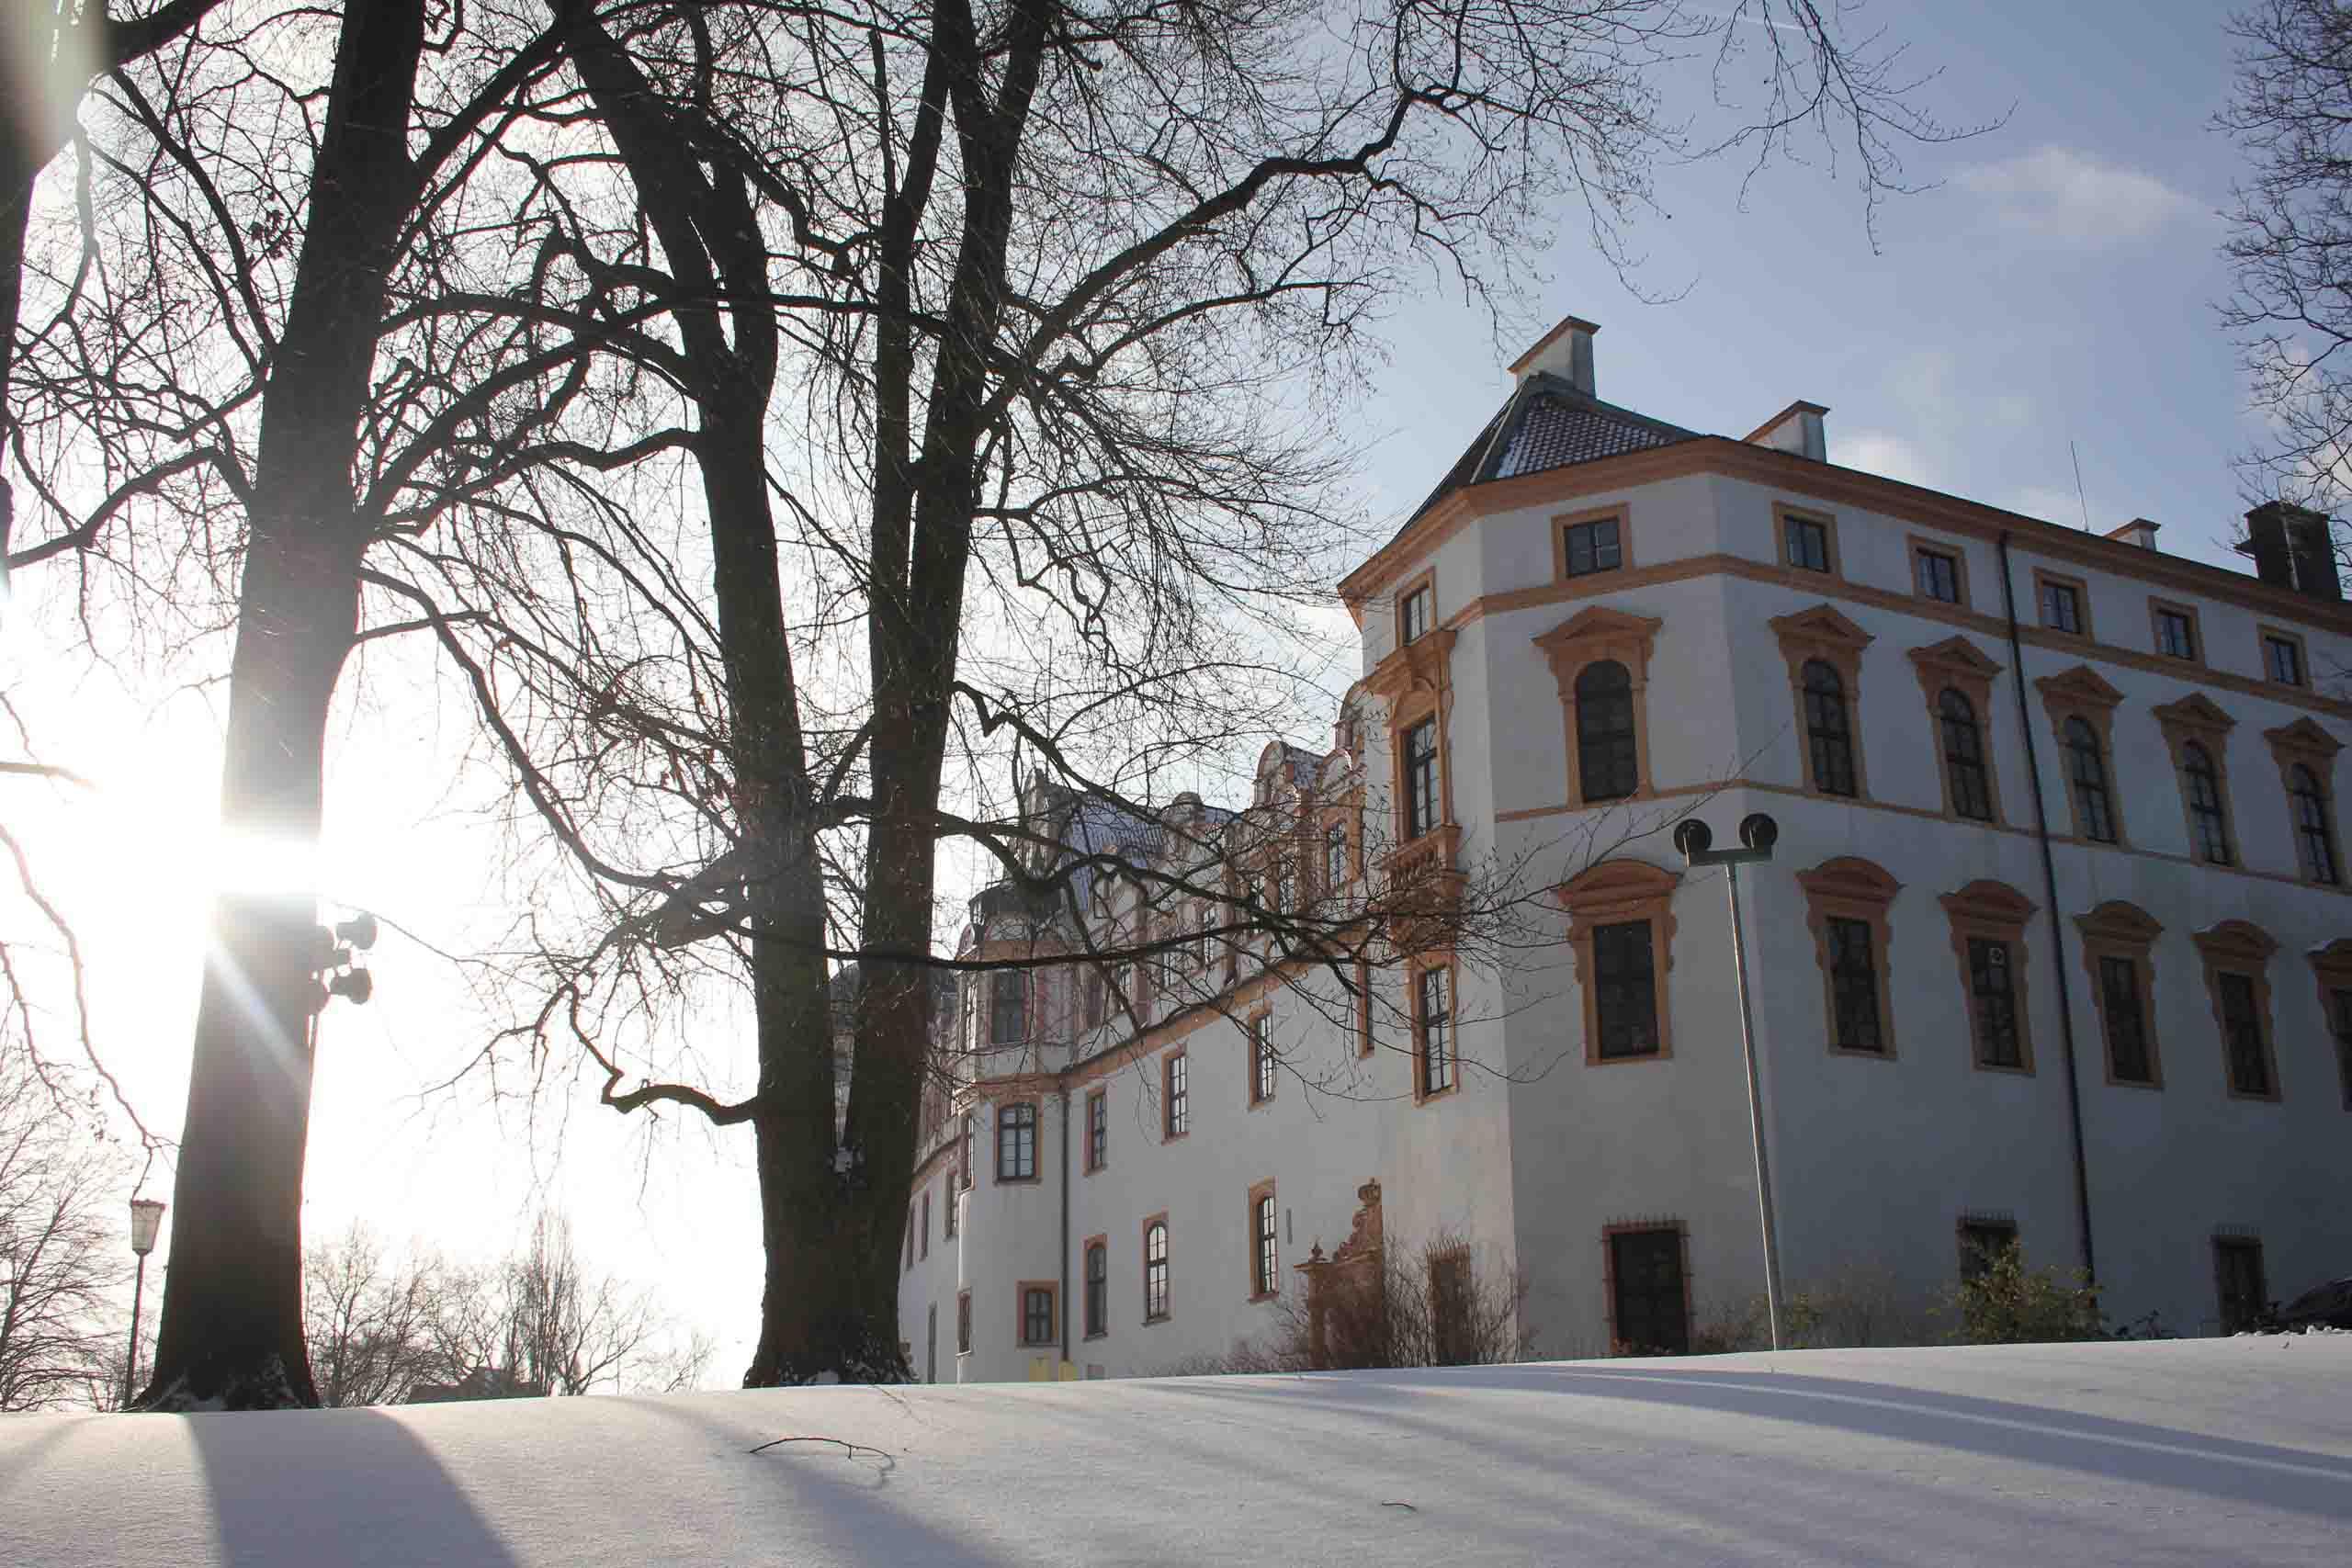 Celler Schloss im Winter